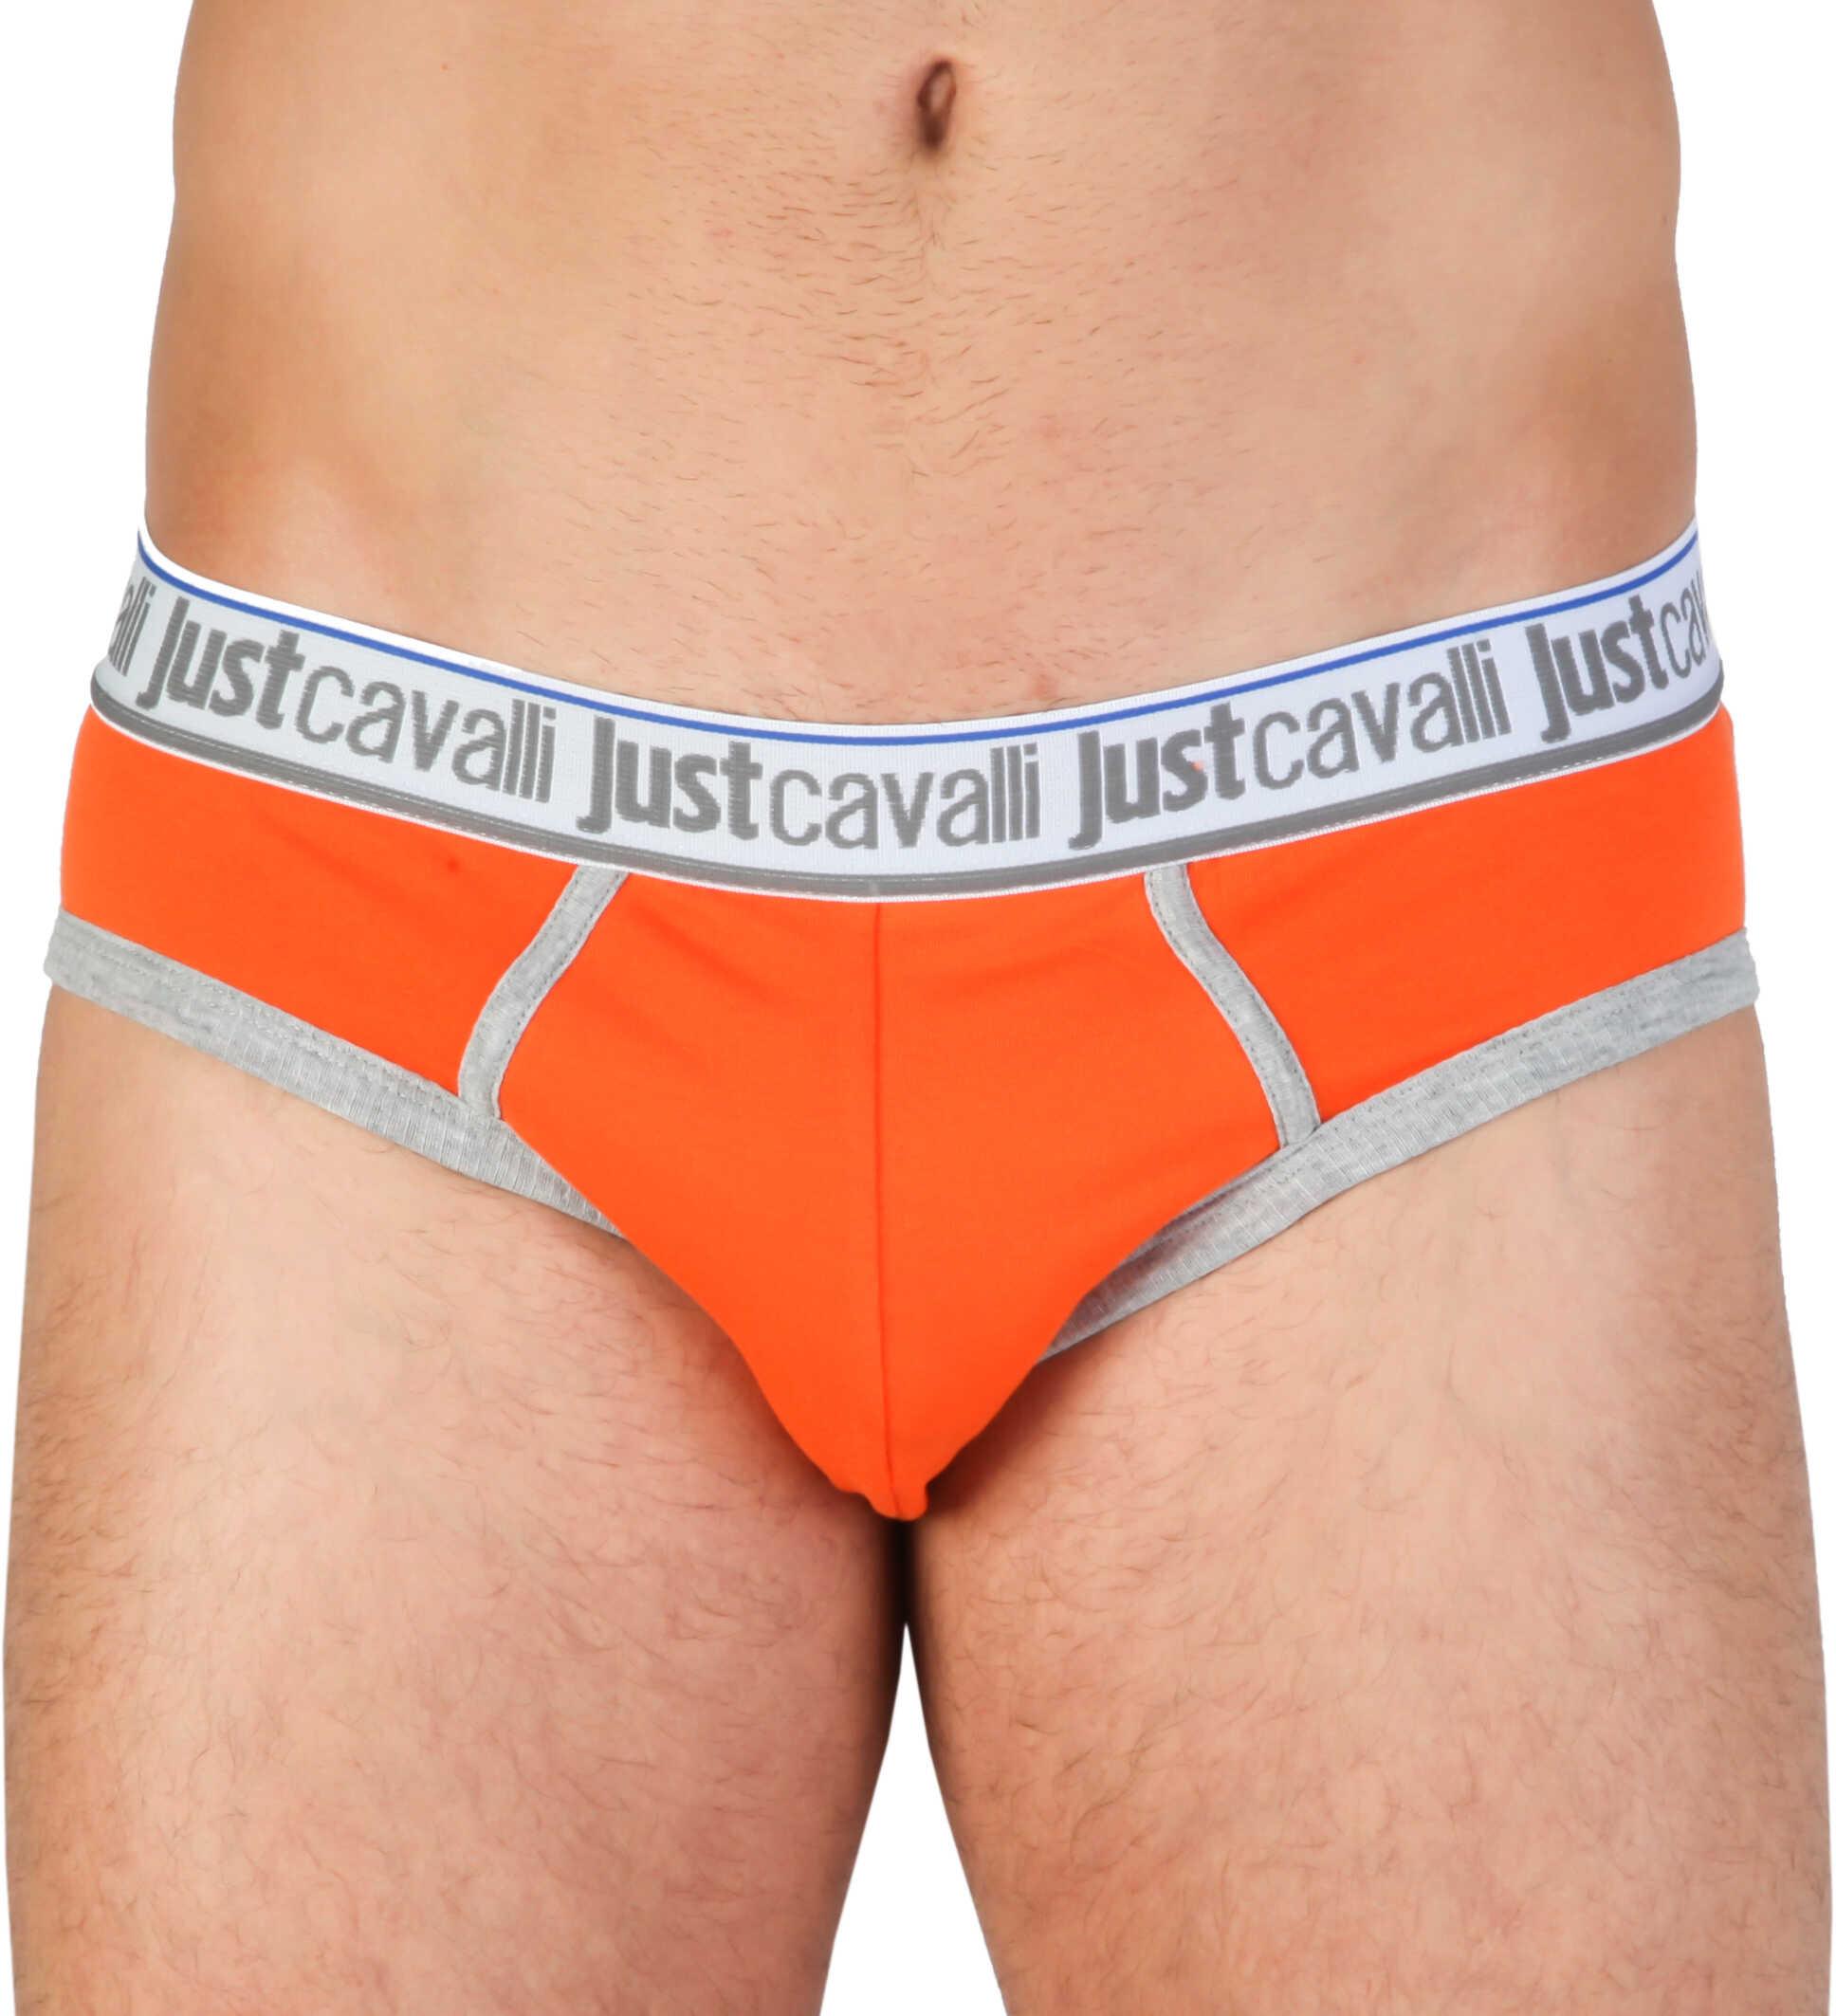 Just Cavalli A09 Orange